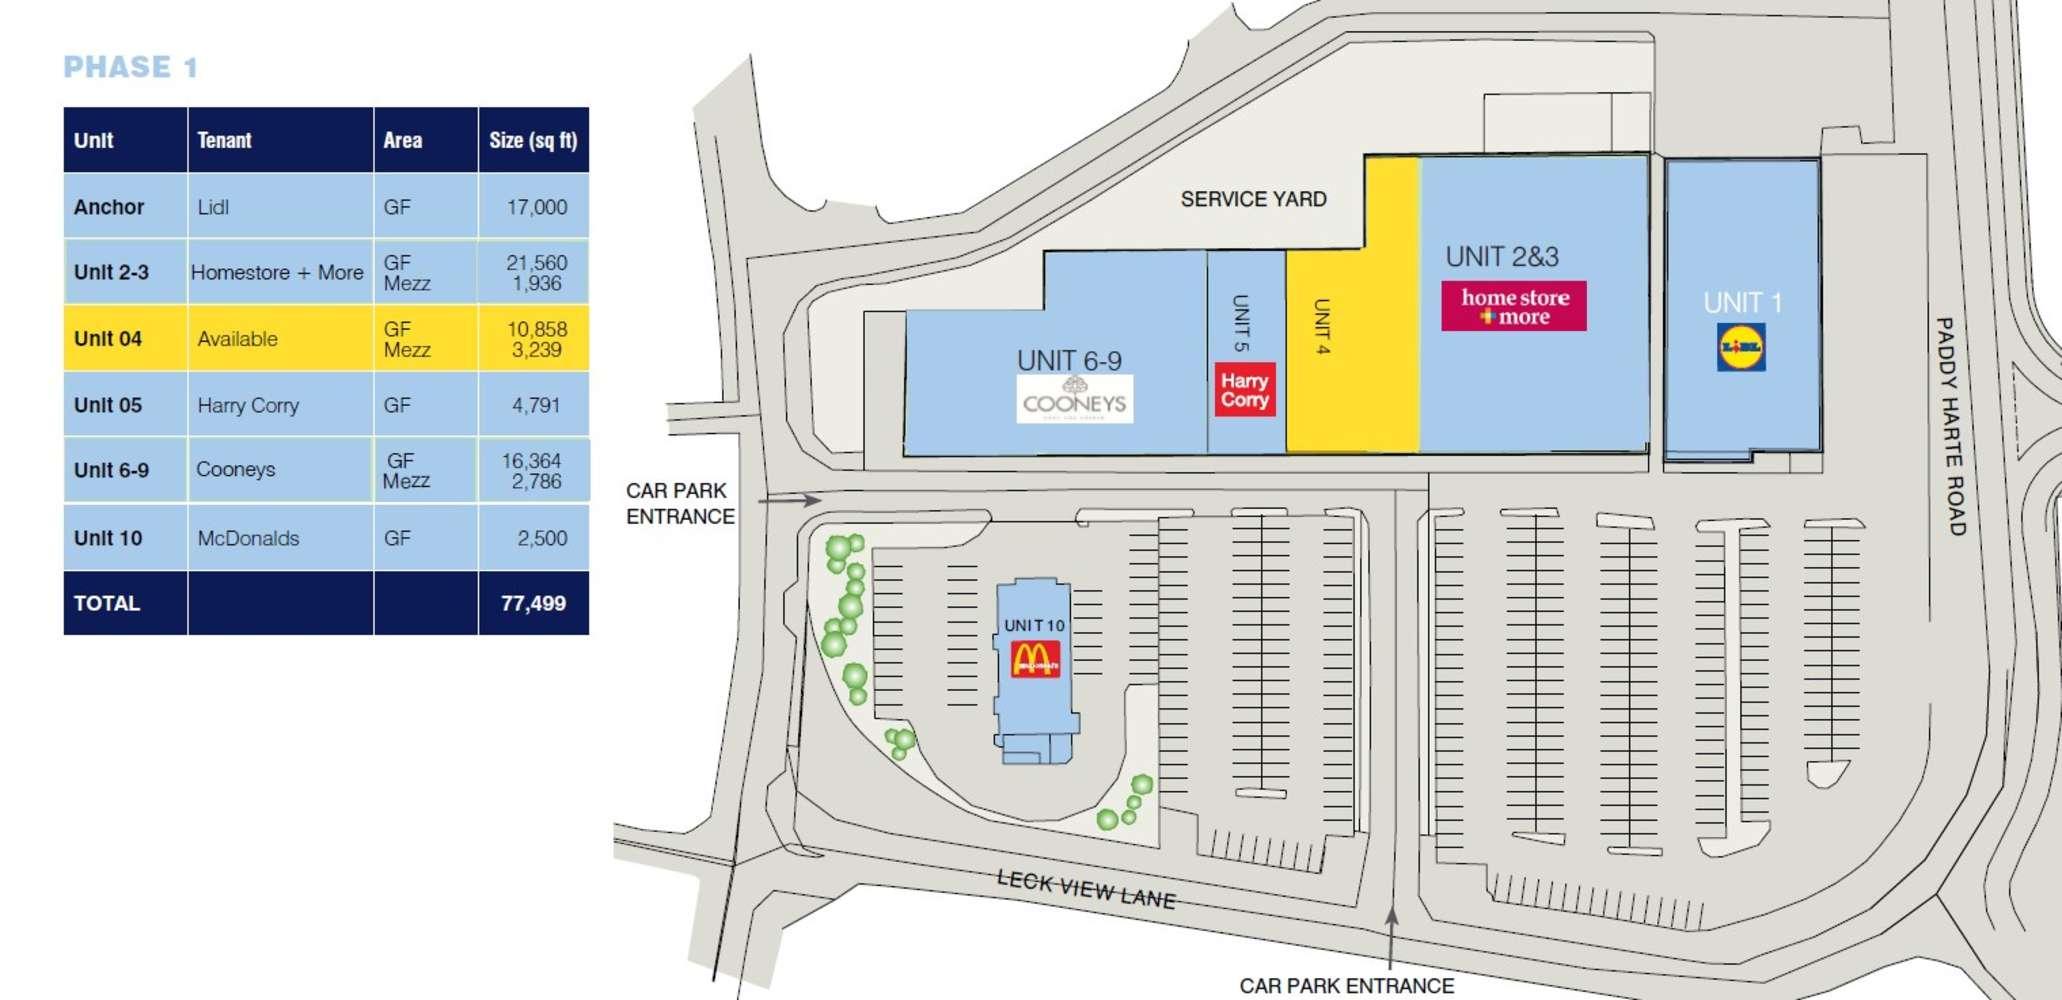 Retail Letterkenny,  - Unit 4, Phase 1, Letterkenny Retail Park